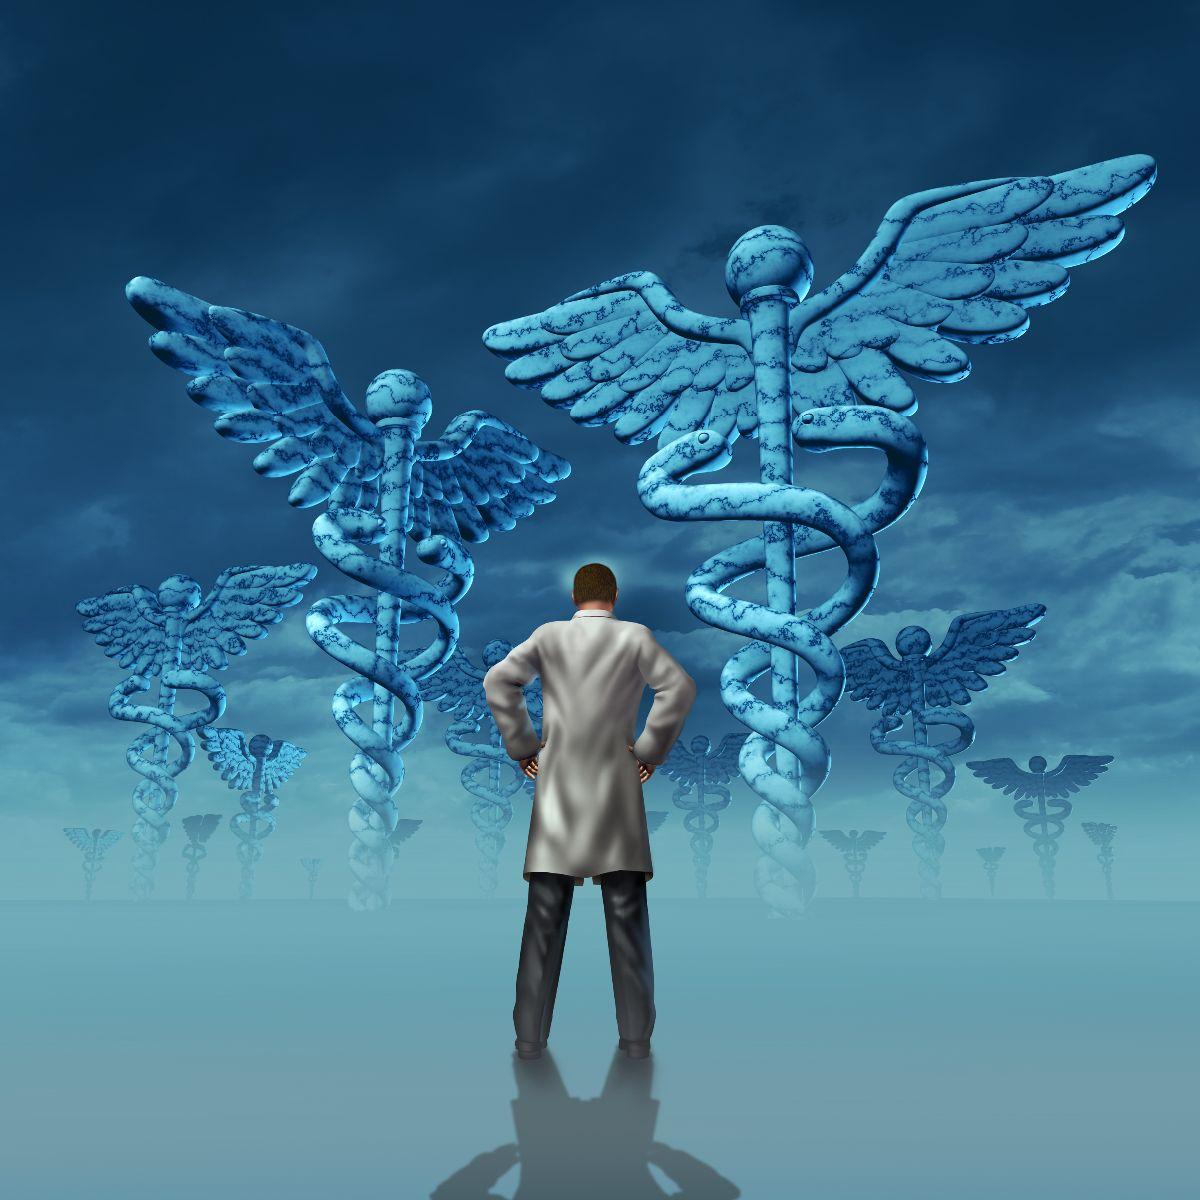 medico observando iconos de medician